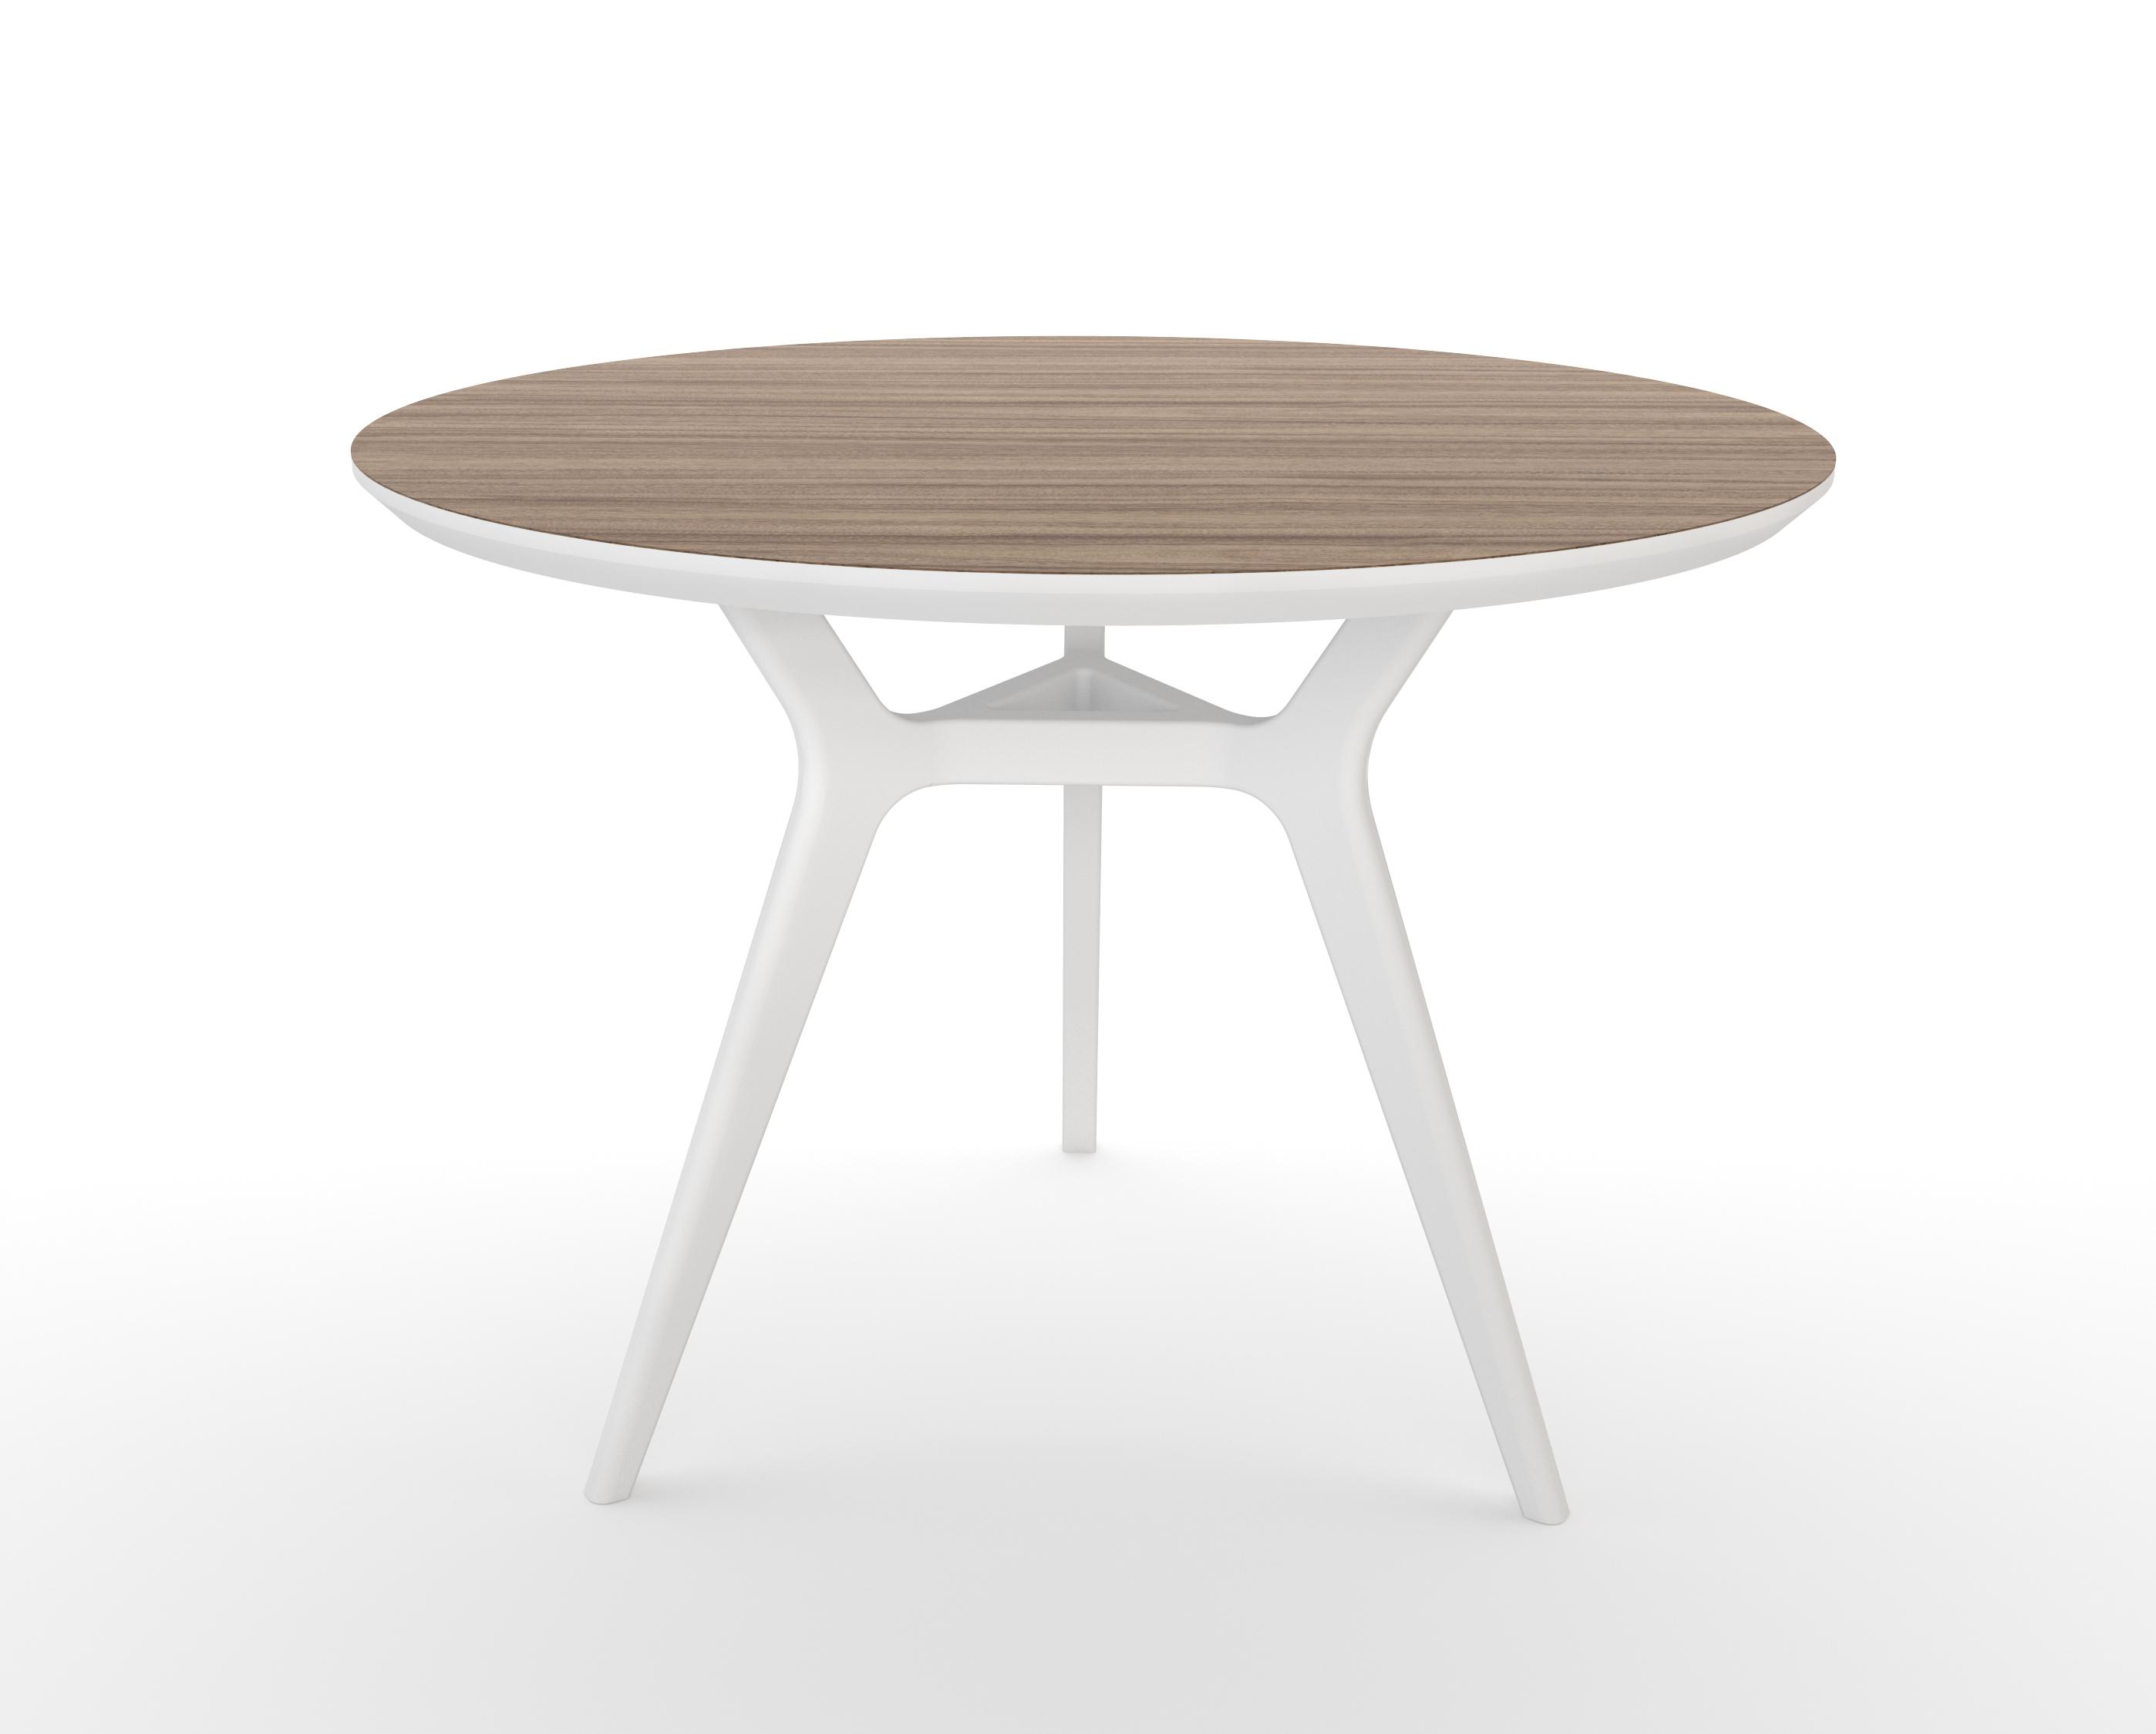 Стол GlatОбеденные столы<br>Тщательная проработка деталей и пропорций стола позволяет ему идеально вписаться в любой интерьер.&amp;amp;nbsp;&amp;lt;div&amp;gt;&amp;lt;br&amp;gt;&amp;lt;/div&amp;gt;&amp;lt;div&amp;gt;Отделка столешницы шпоном ореха, подстолье выкрашено в белый цвет. Сборка не требуется.&amp;lt;/div&amp;gt;<br><br>Material: МДФ<br>Высота см: 75.0